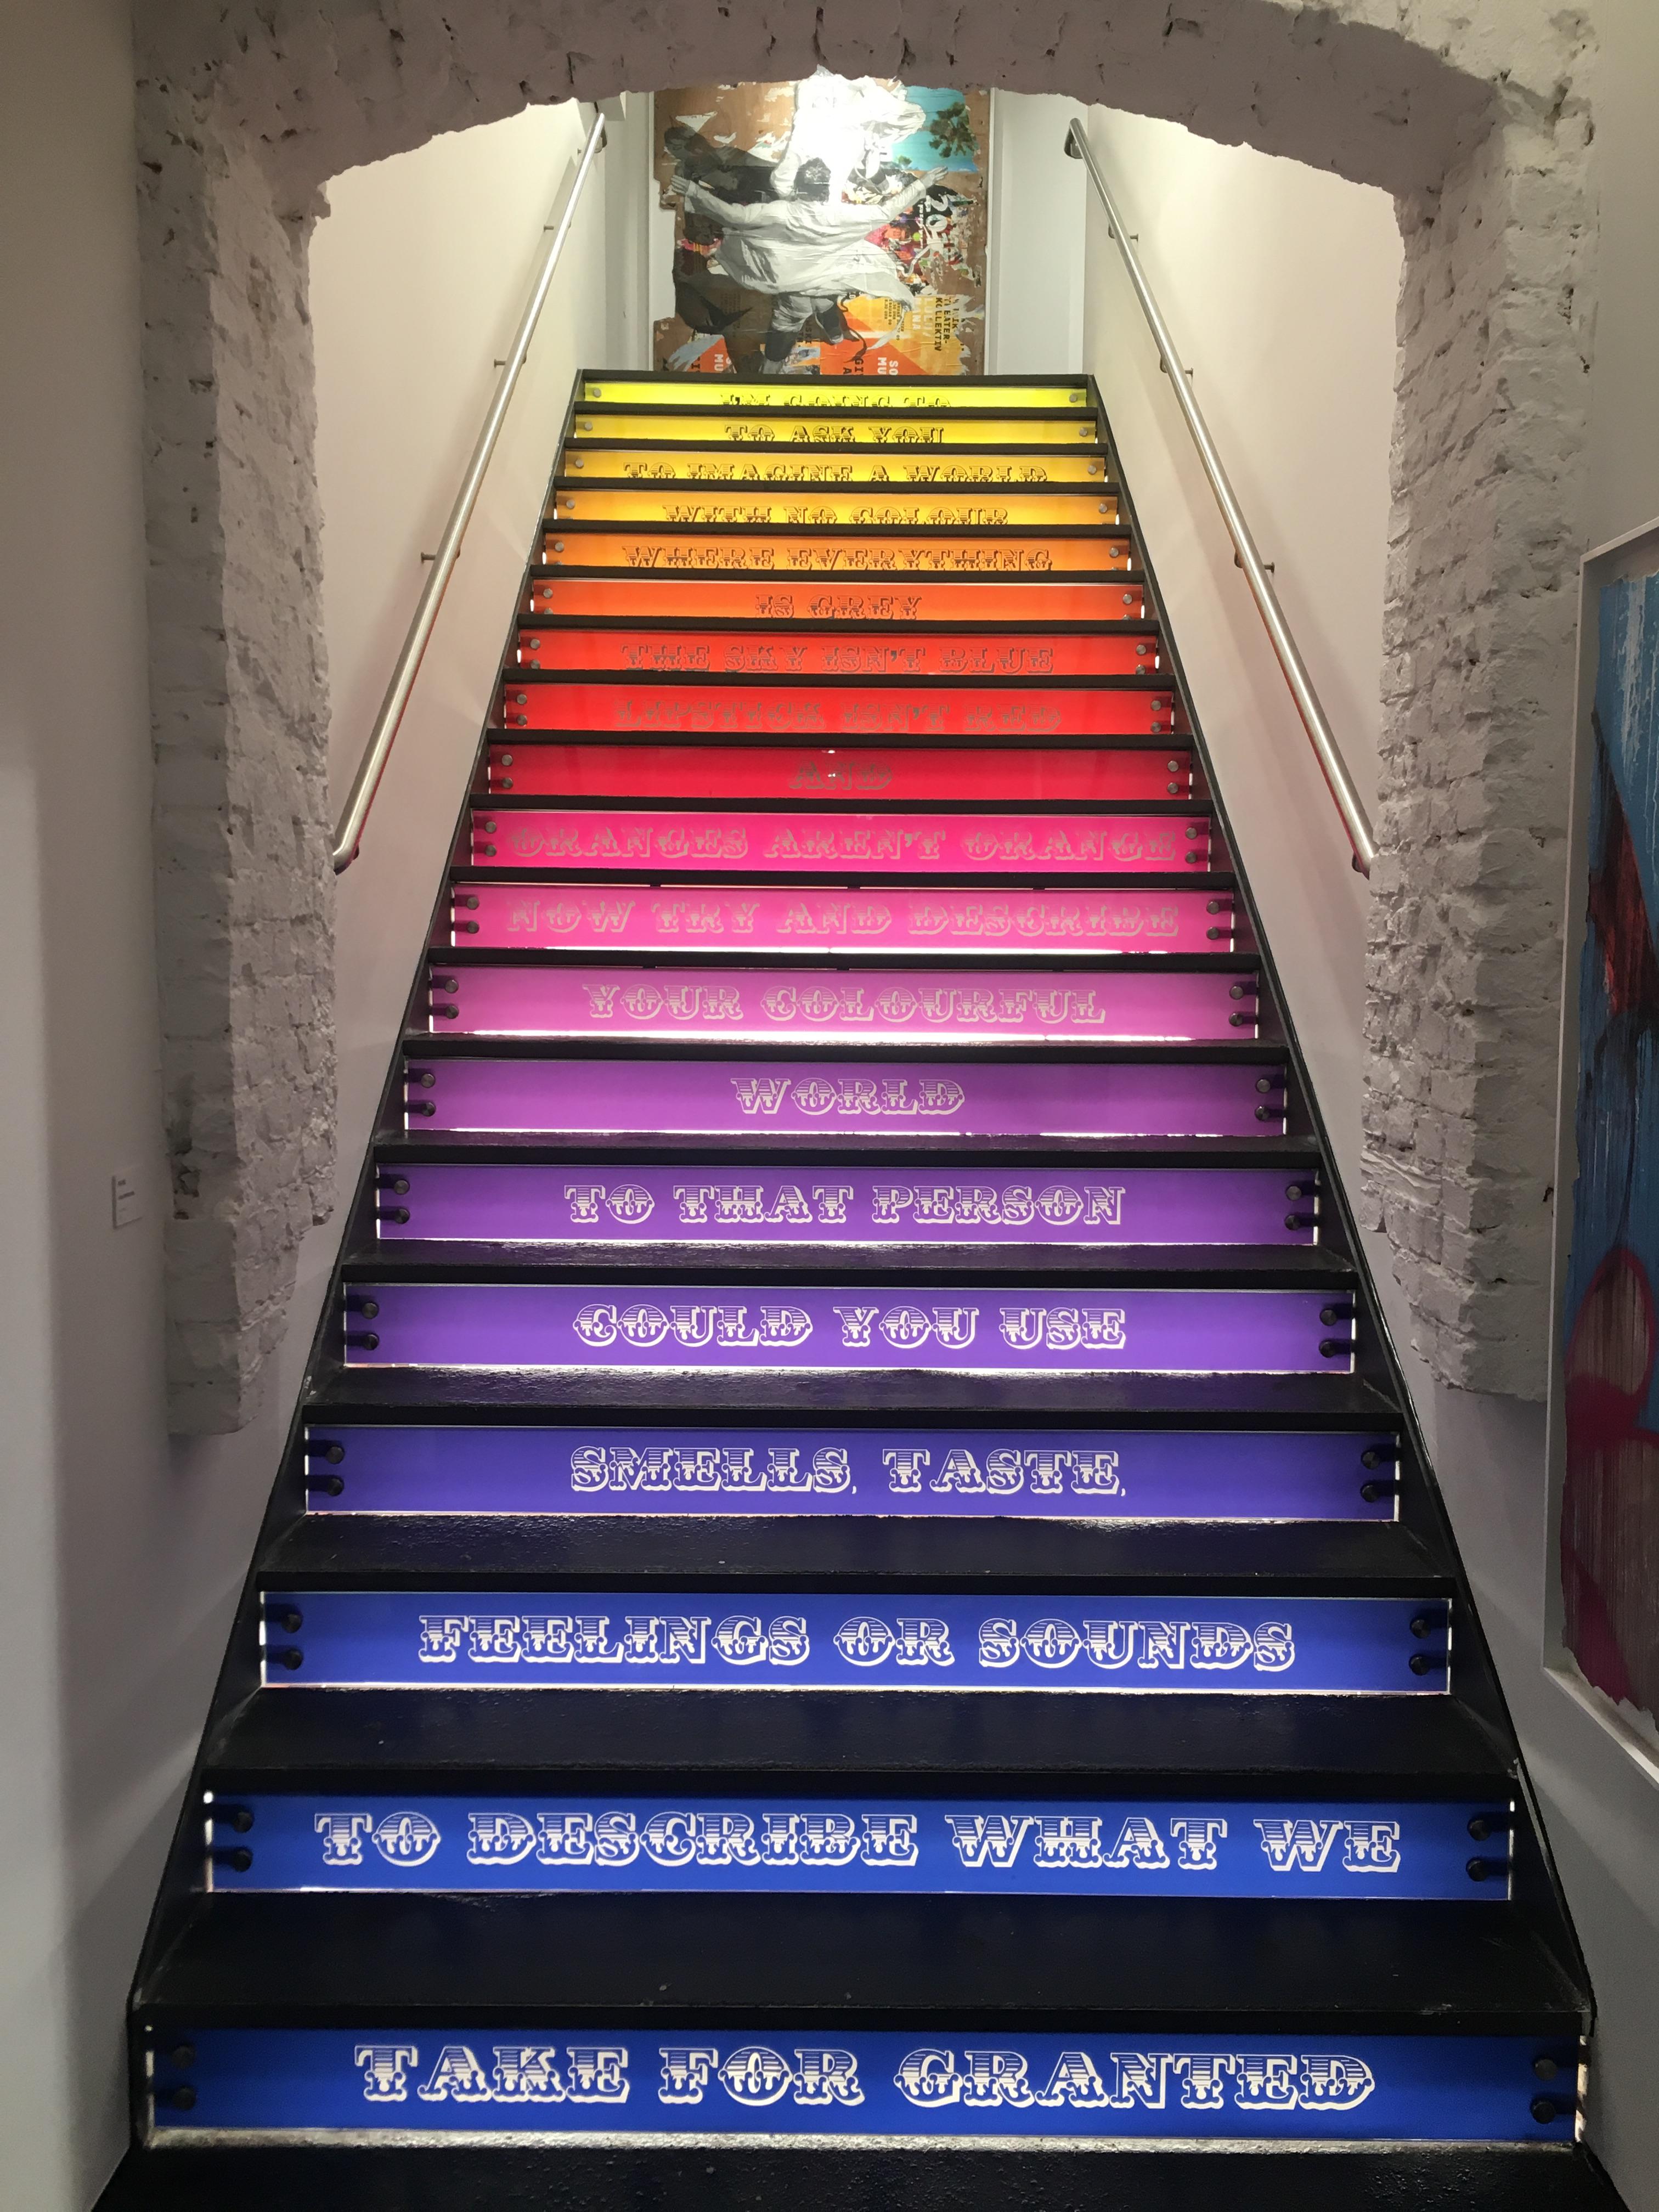 Außergewöhnliche Museen in Berlin-Urban Nation Museum für Contemporary Art-Berlinblog-andysparkles